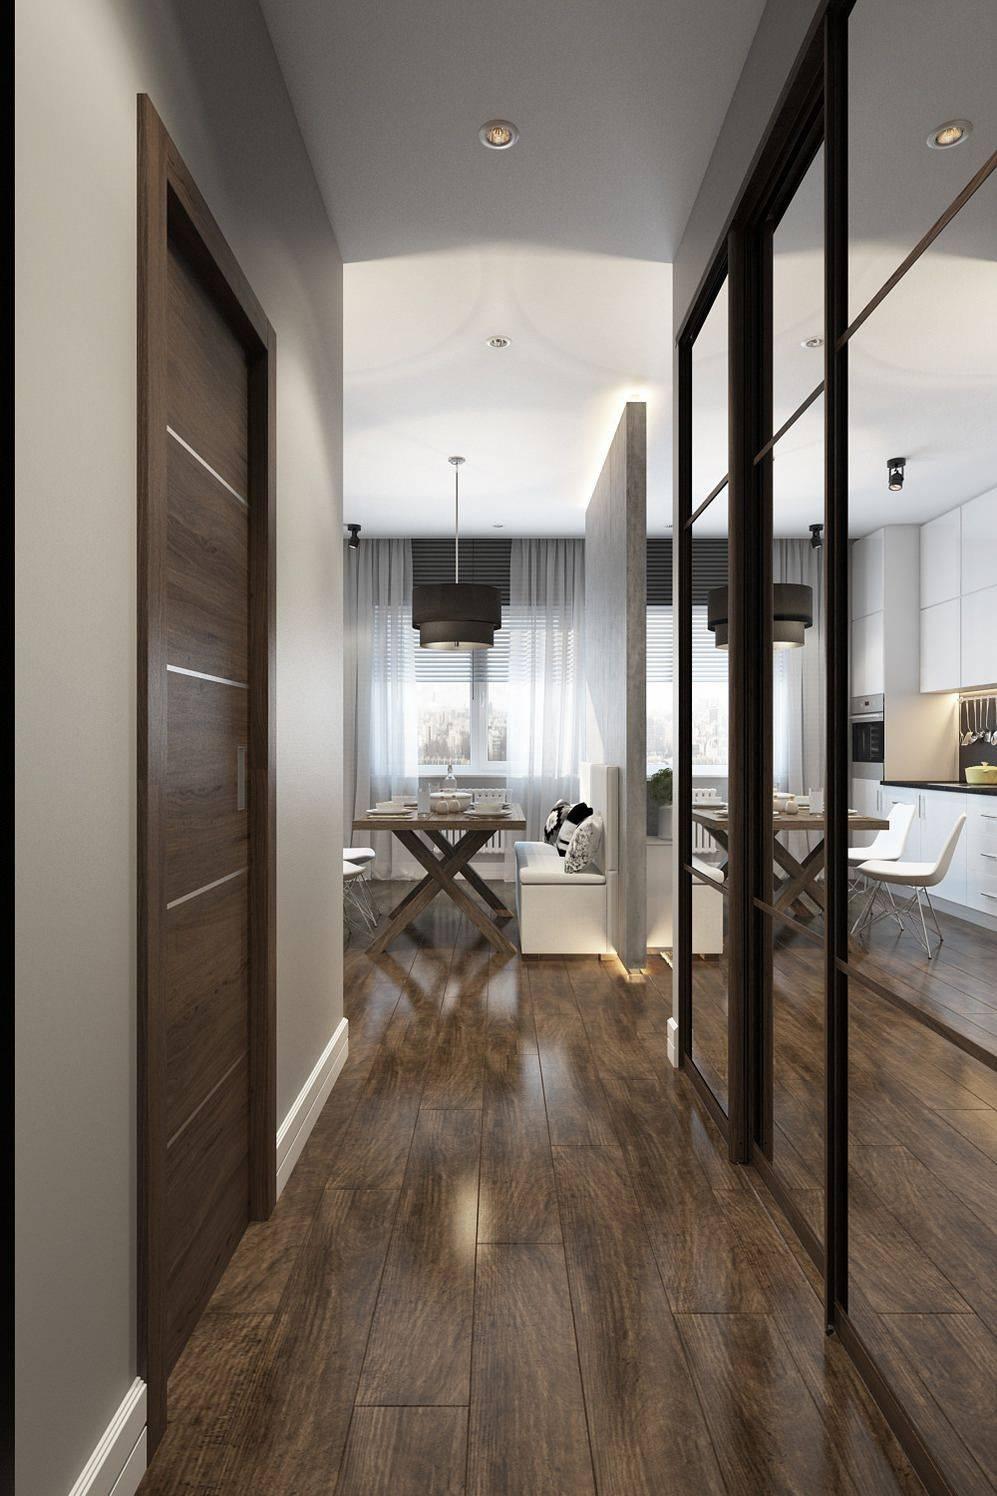 Дизайн прихожей - современные идеи 2021 (125 фото): интерьер коридора в квартире, популярные современные стили